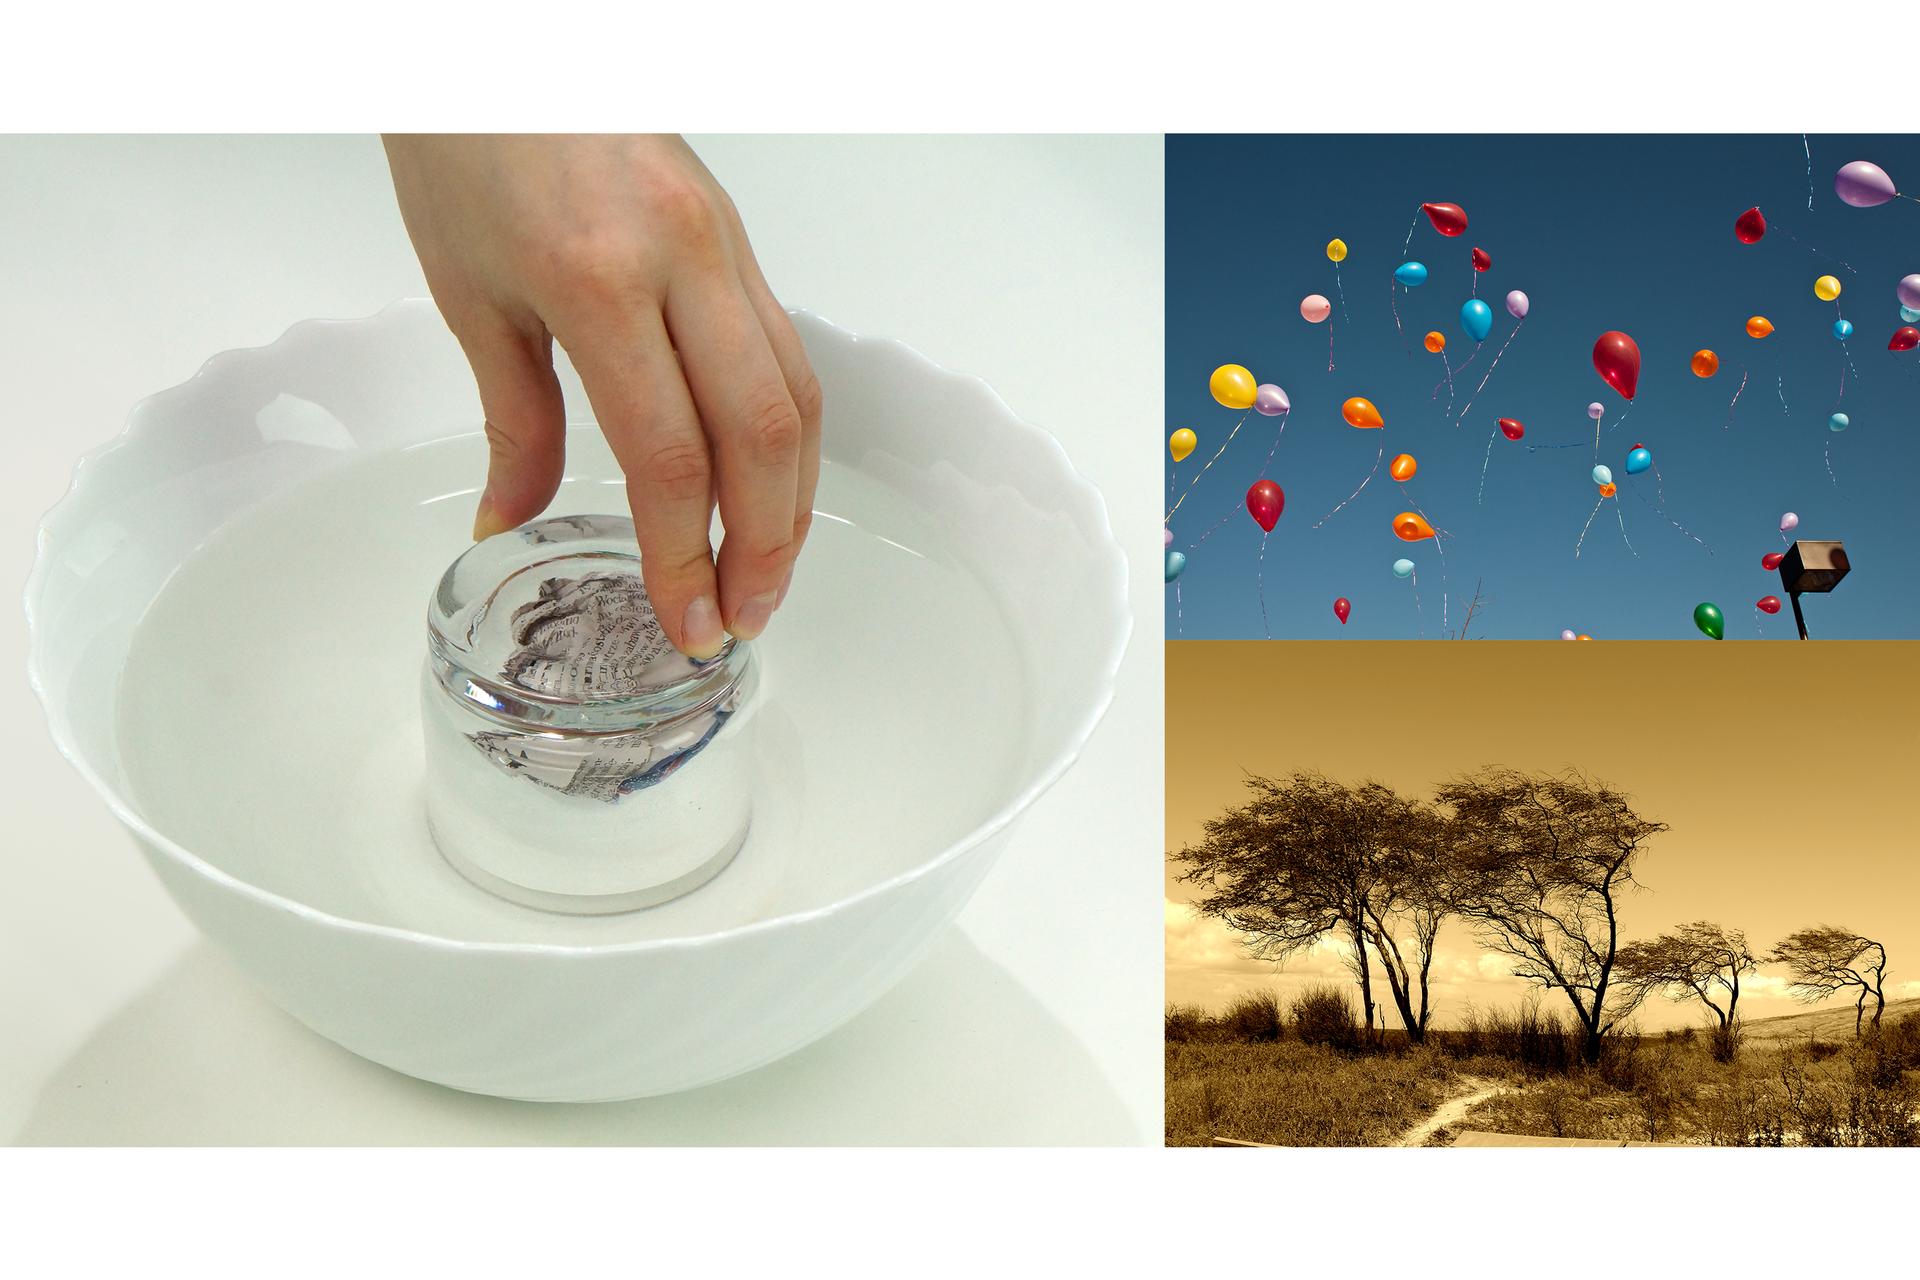 Ilustracja przedstawia trzy zdjęcia obok siebie. Po lewej stronie szklanka zanurzona do góry dnem wporcelanowym półmisku zwodą. Wewnątrz szklanki znajduje się zwinięta wkulkę zadrukowana kartka papieru. Jest sucha, ponieważ tylko unosi się na powierzchni wody, która wypełnia szklankę jedynie wniewielkim stopniu. Fotografia wprawym górnym rogu przedstawia różnokolorowe balony unoszące się wpowietrzu na tle niebieskiego nieba. Trzecie zdjęcie, zajmujące prawy dolny róg kadru wykonane wodcieniach sepii przedstawia krajobraz zczterema drzewami silnie wygiętymi wlewo od podmuchów wiatru.